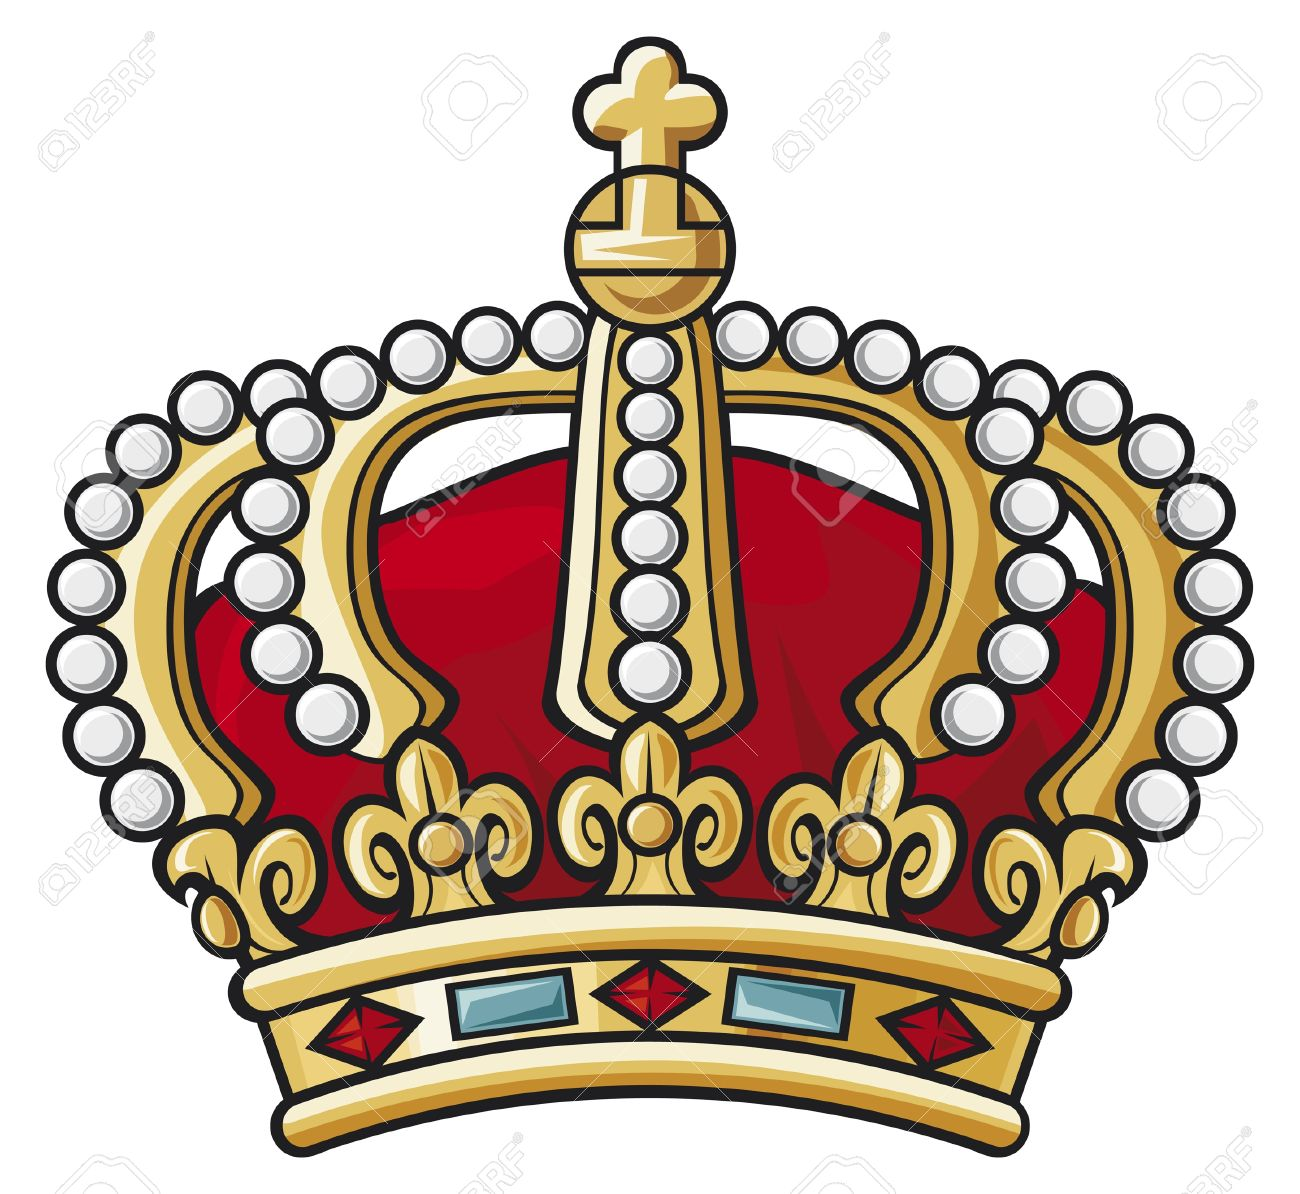 heraldic crown Stock Vector - 14973522